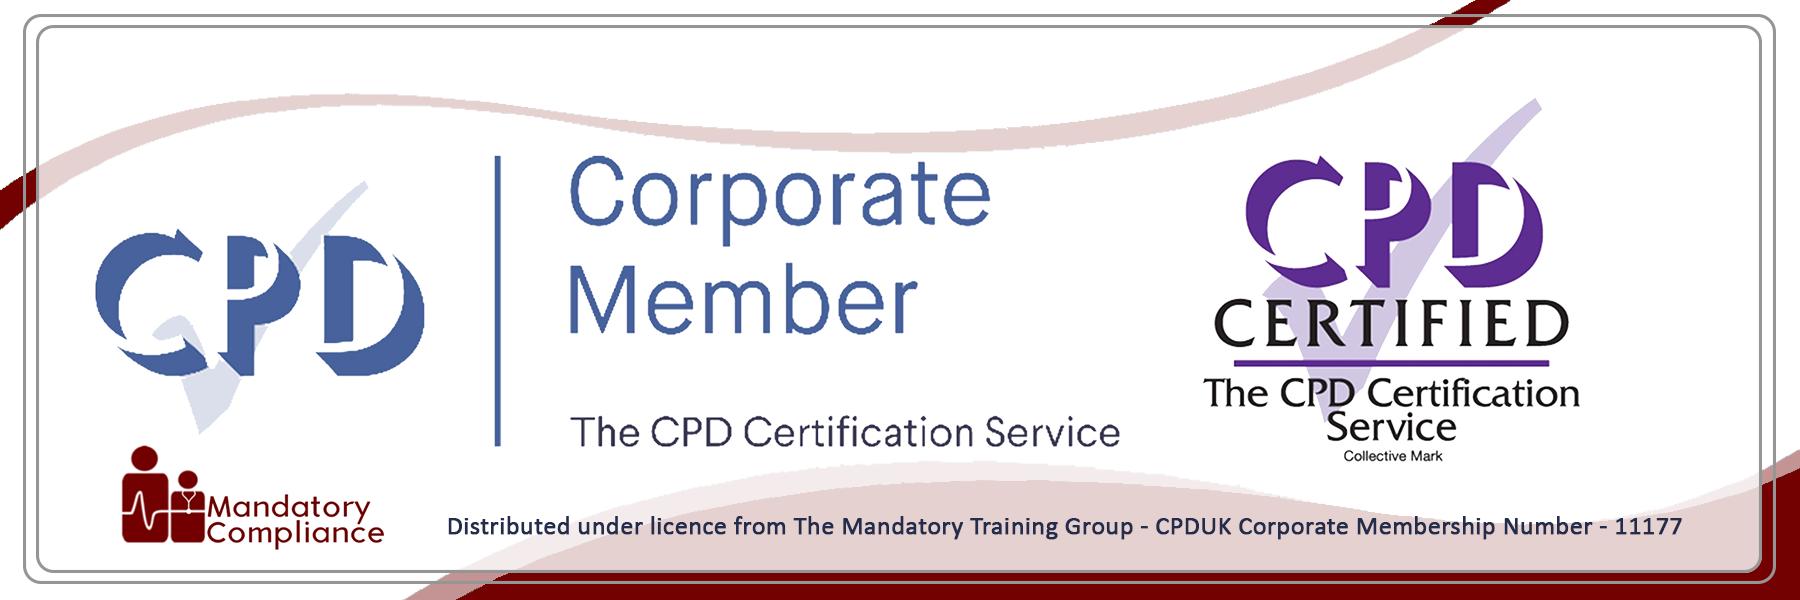 Mandatory Training for Dental Nurses - E-Learning Courses - Mandatory Compliance UK -